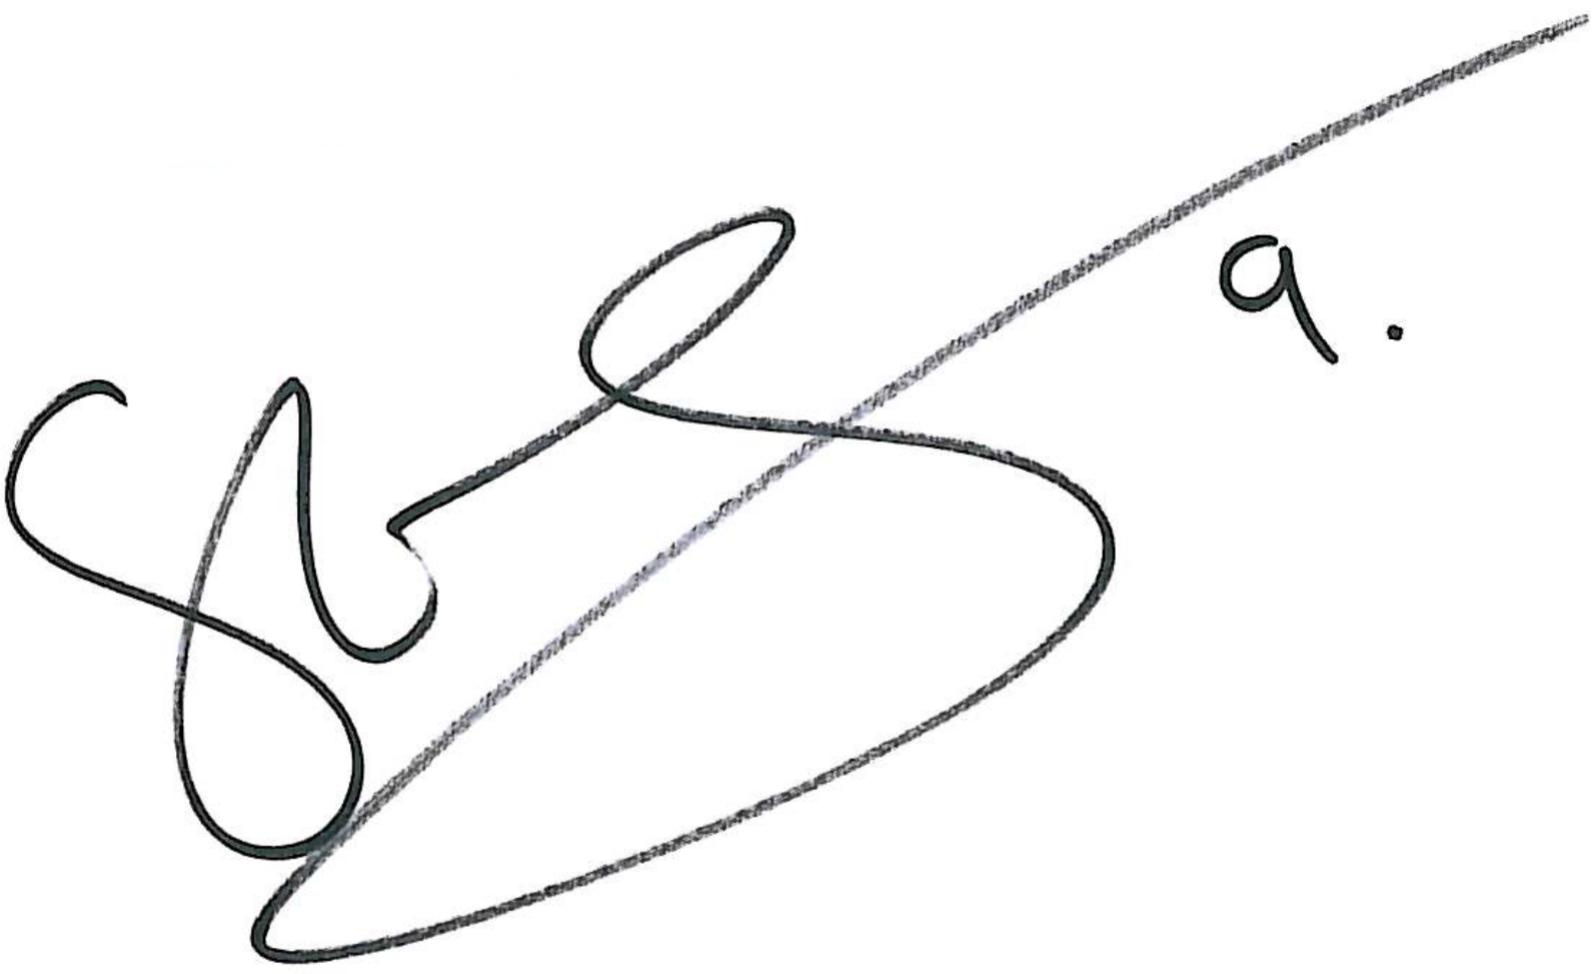 Stefan Selakovic, signatur